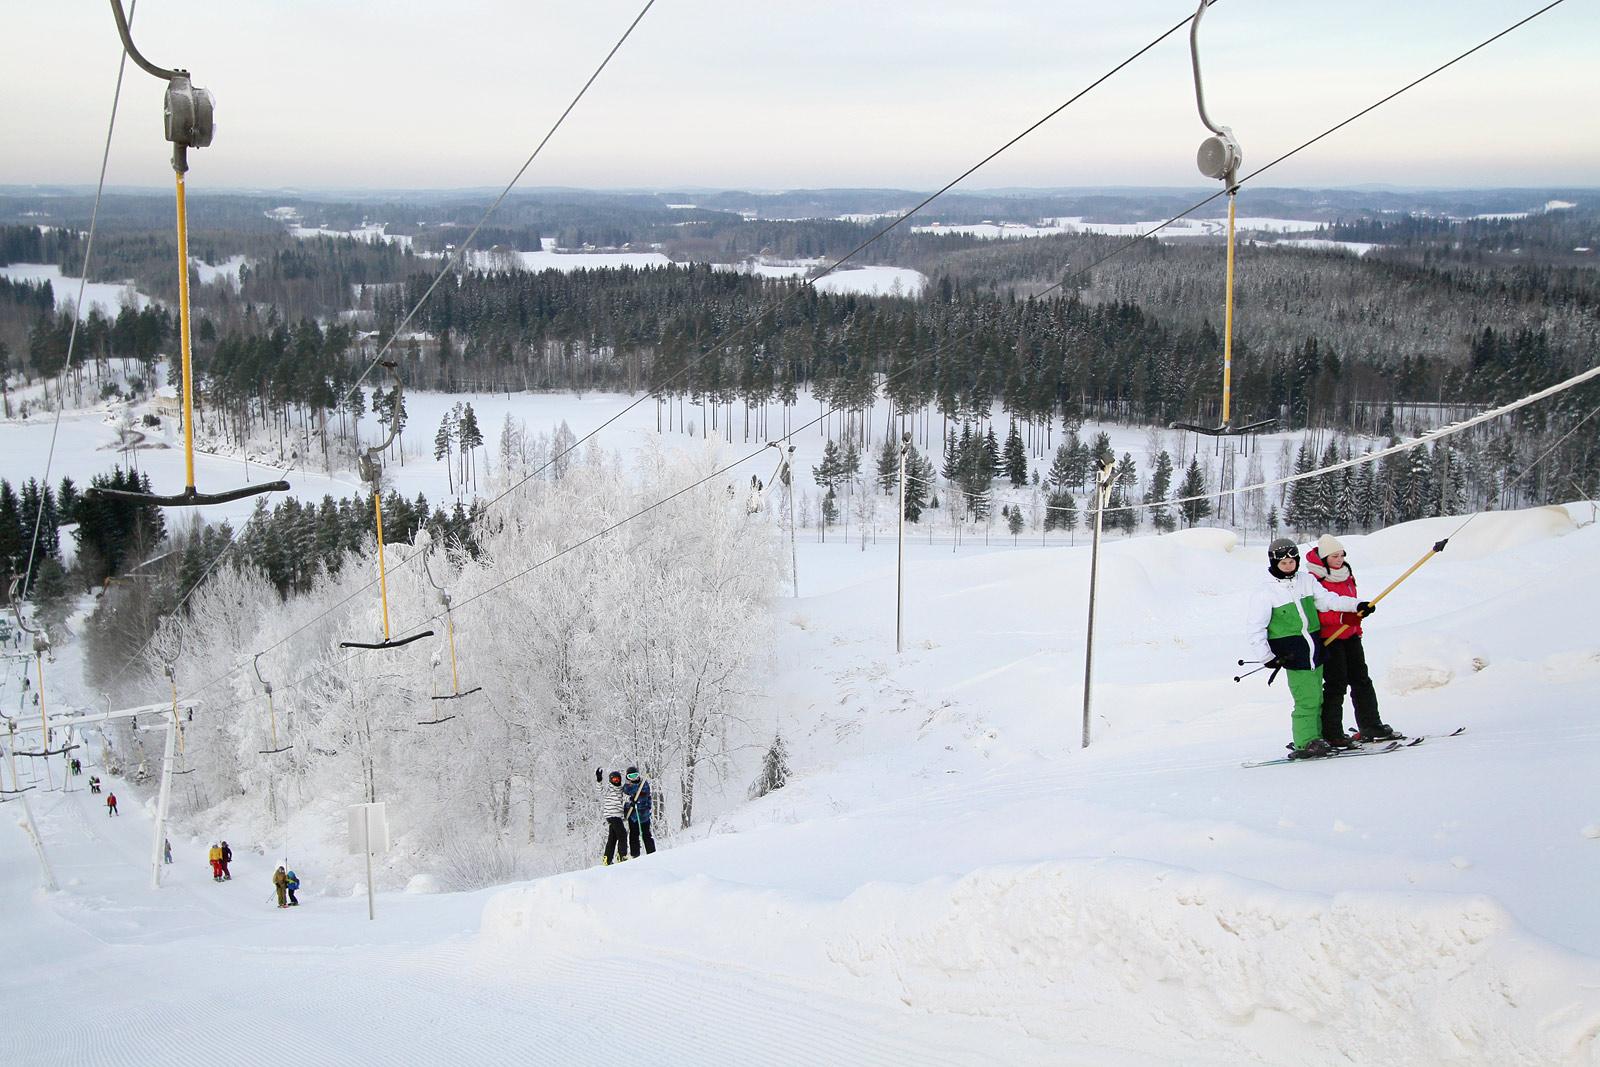 Hiihtokeskus - Sveitsin hiihtokeskus – Esittelyssä rinteet ja ...